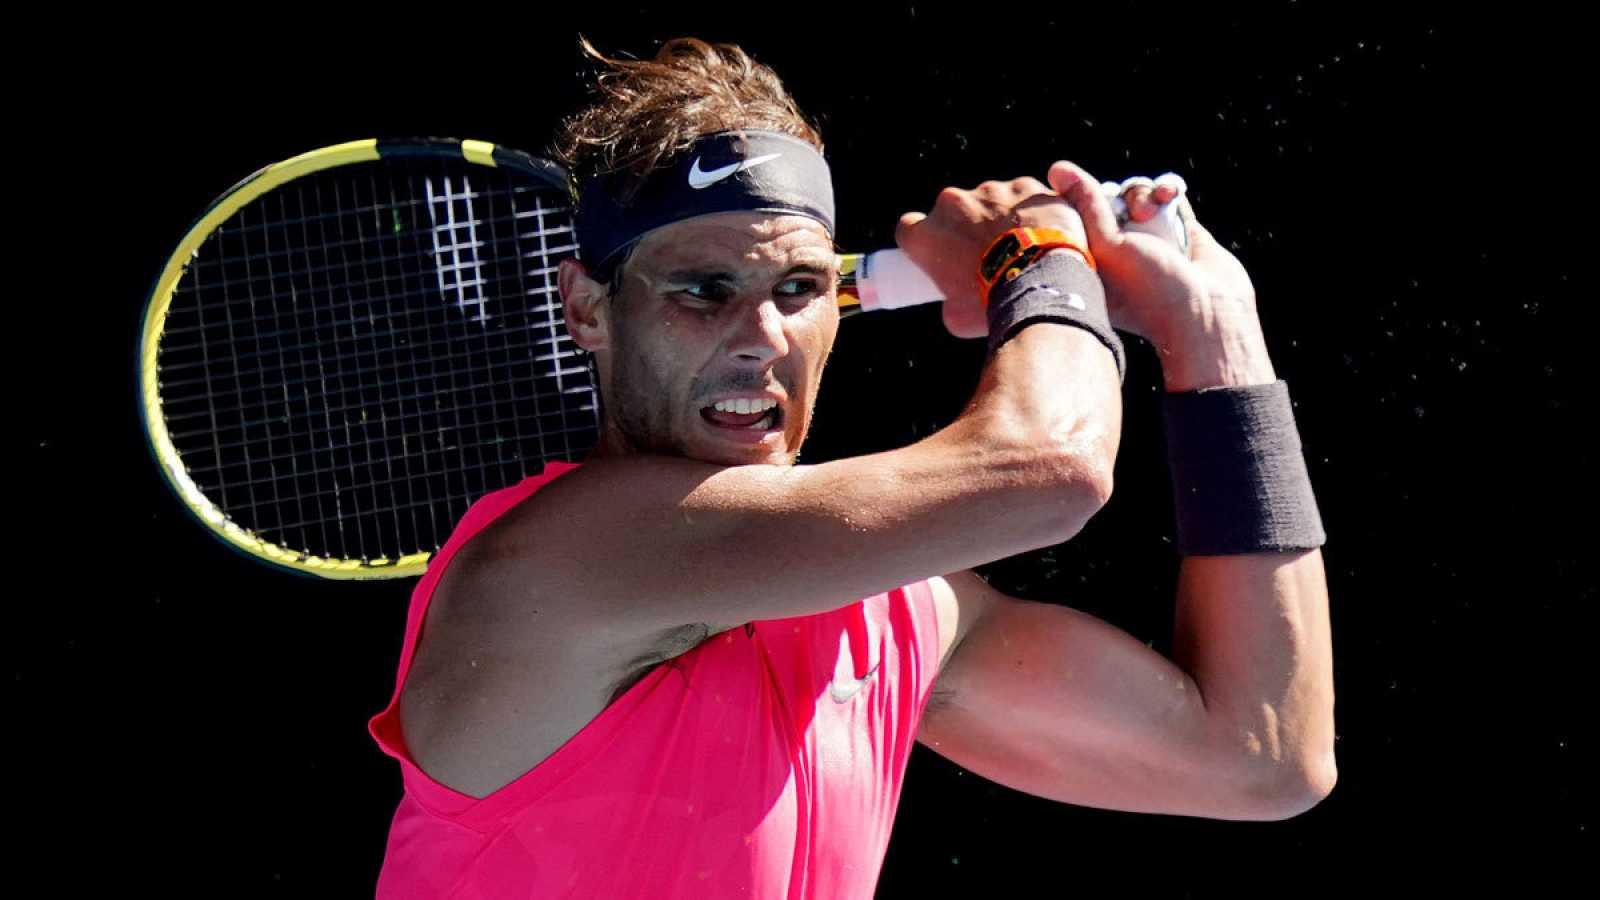 El tenista español Rafa Nadal en el Abierto de Australia